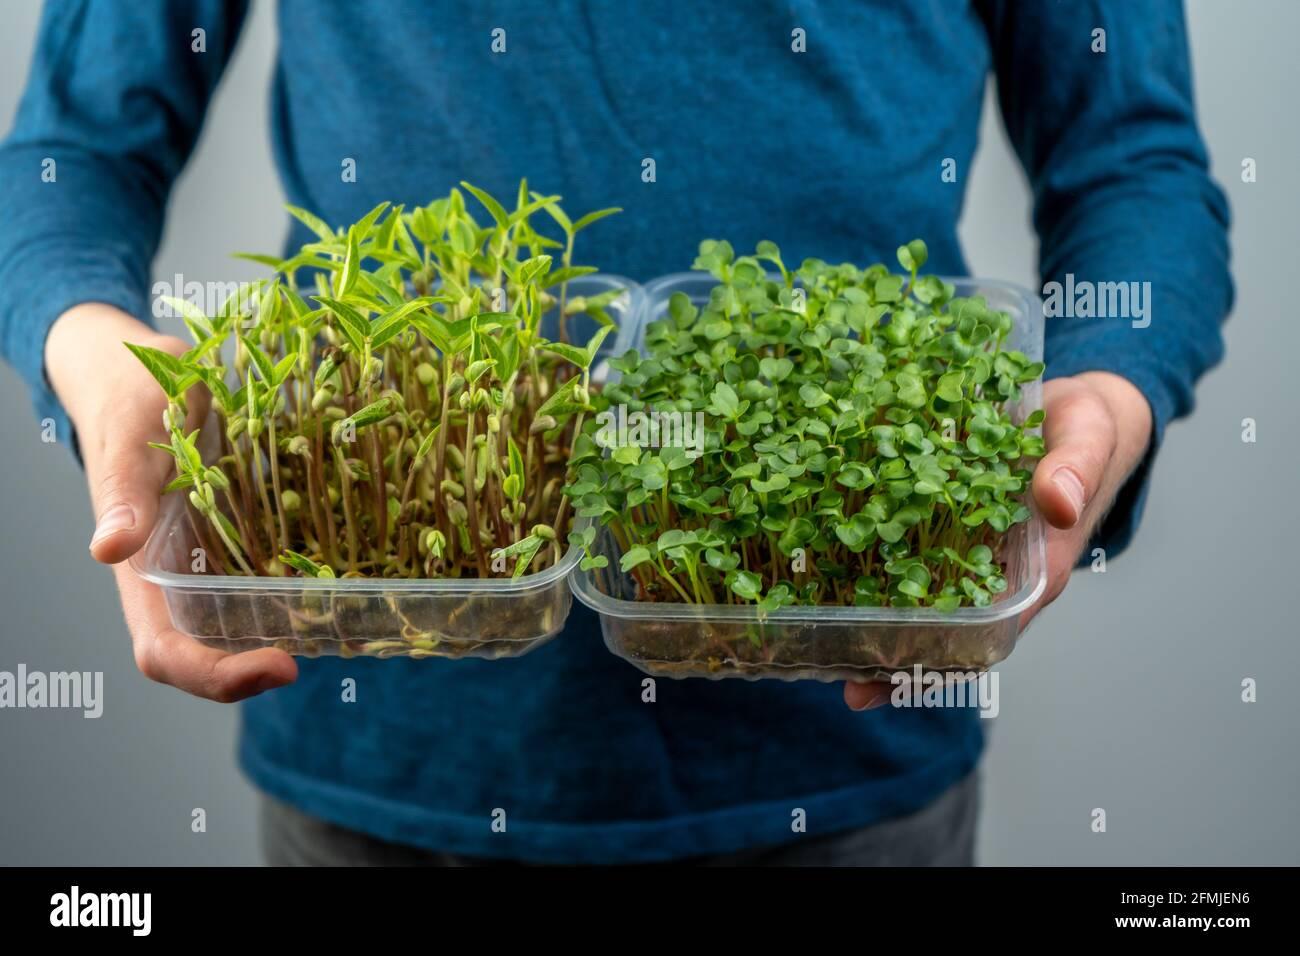 Tenez le micro-vert entre vos mains. Semis de chou, de daikon et de radis. Pousses germées. Jardinage urbain. Nourriture végétalienne biologique. Vitamines utiles. Croissance à Banque D'Images